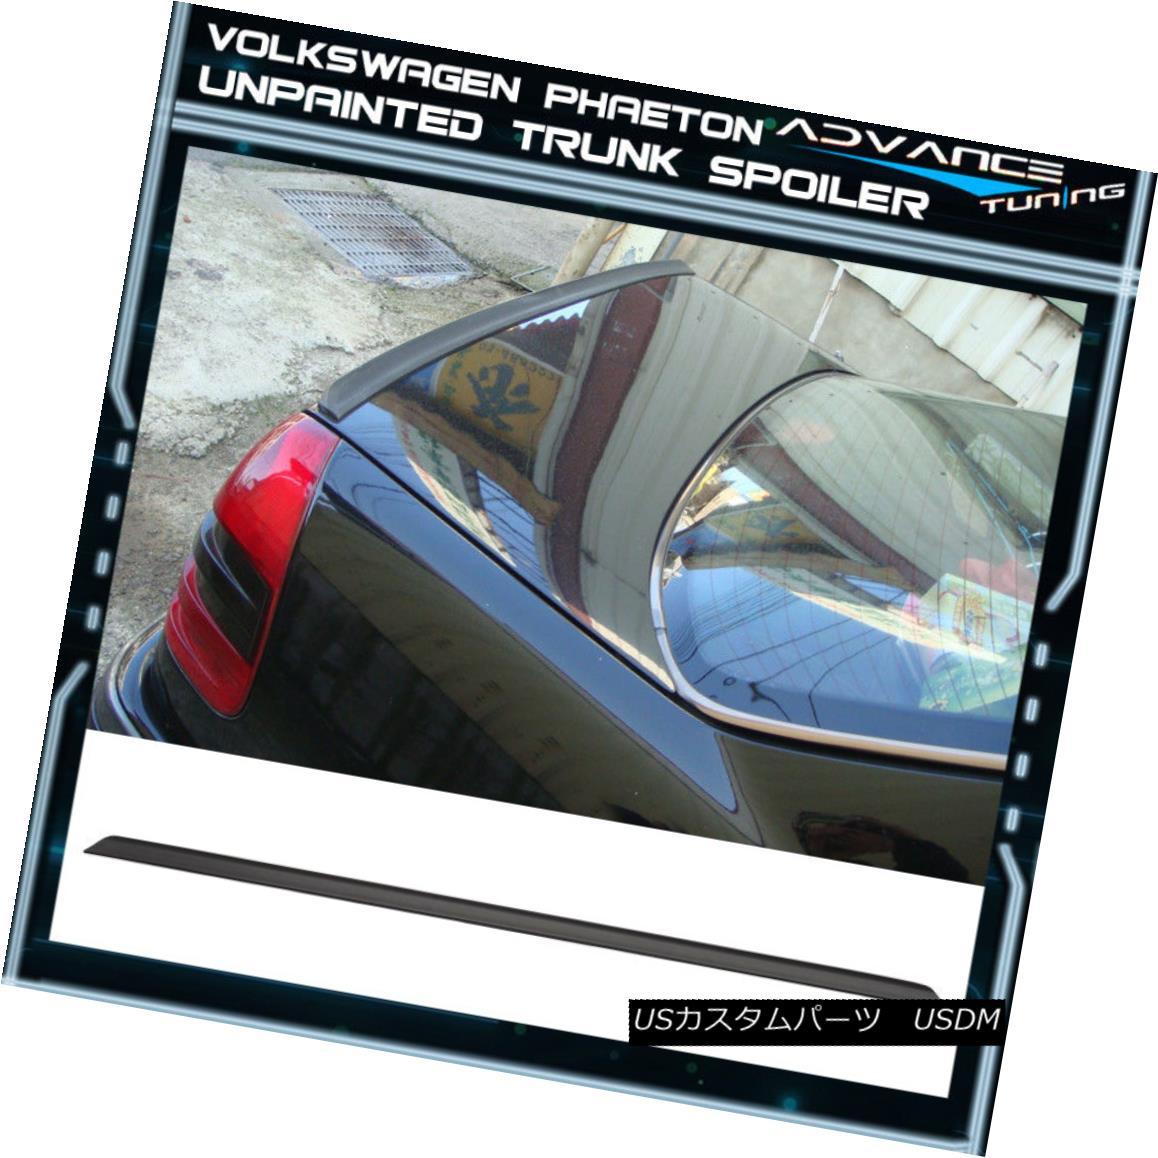 エアロパーツ 02-08 VW Volkswagen Phaeton PV Style Unpainted Black Trunk Spoiler - PUF 02-08 VW Volkswagen Phaeton PVスタイル未塗装のブラックトランク・スポイラー - PUF